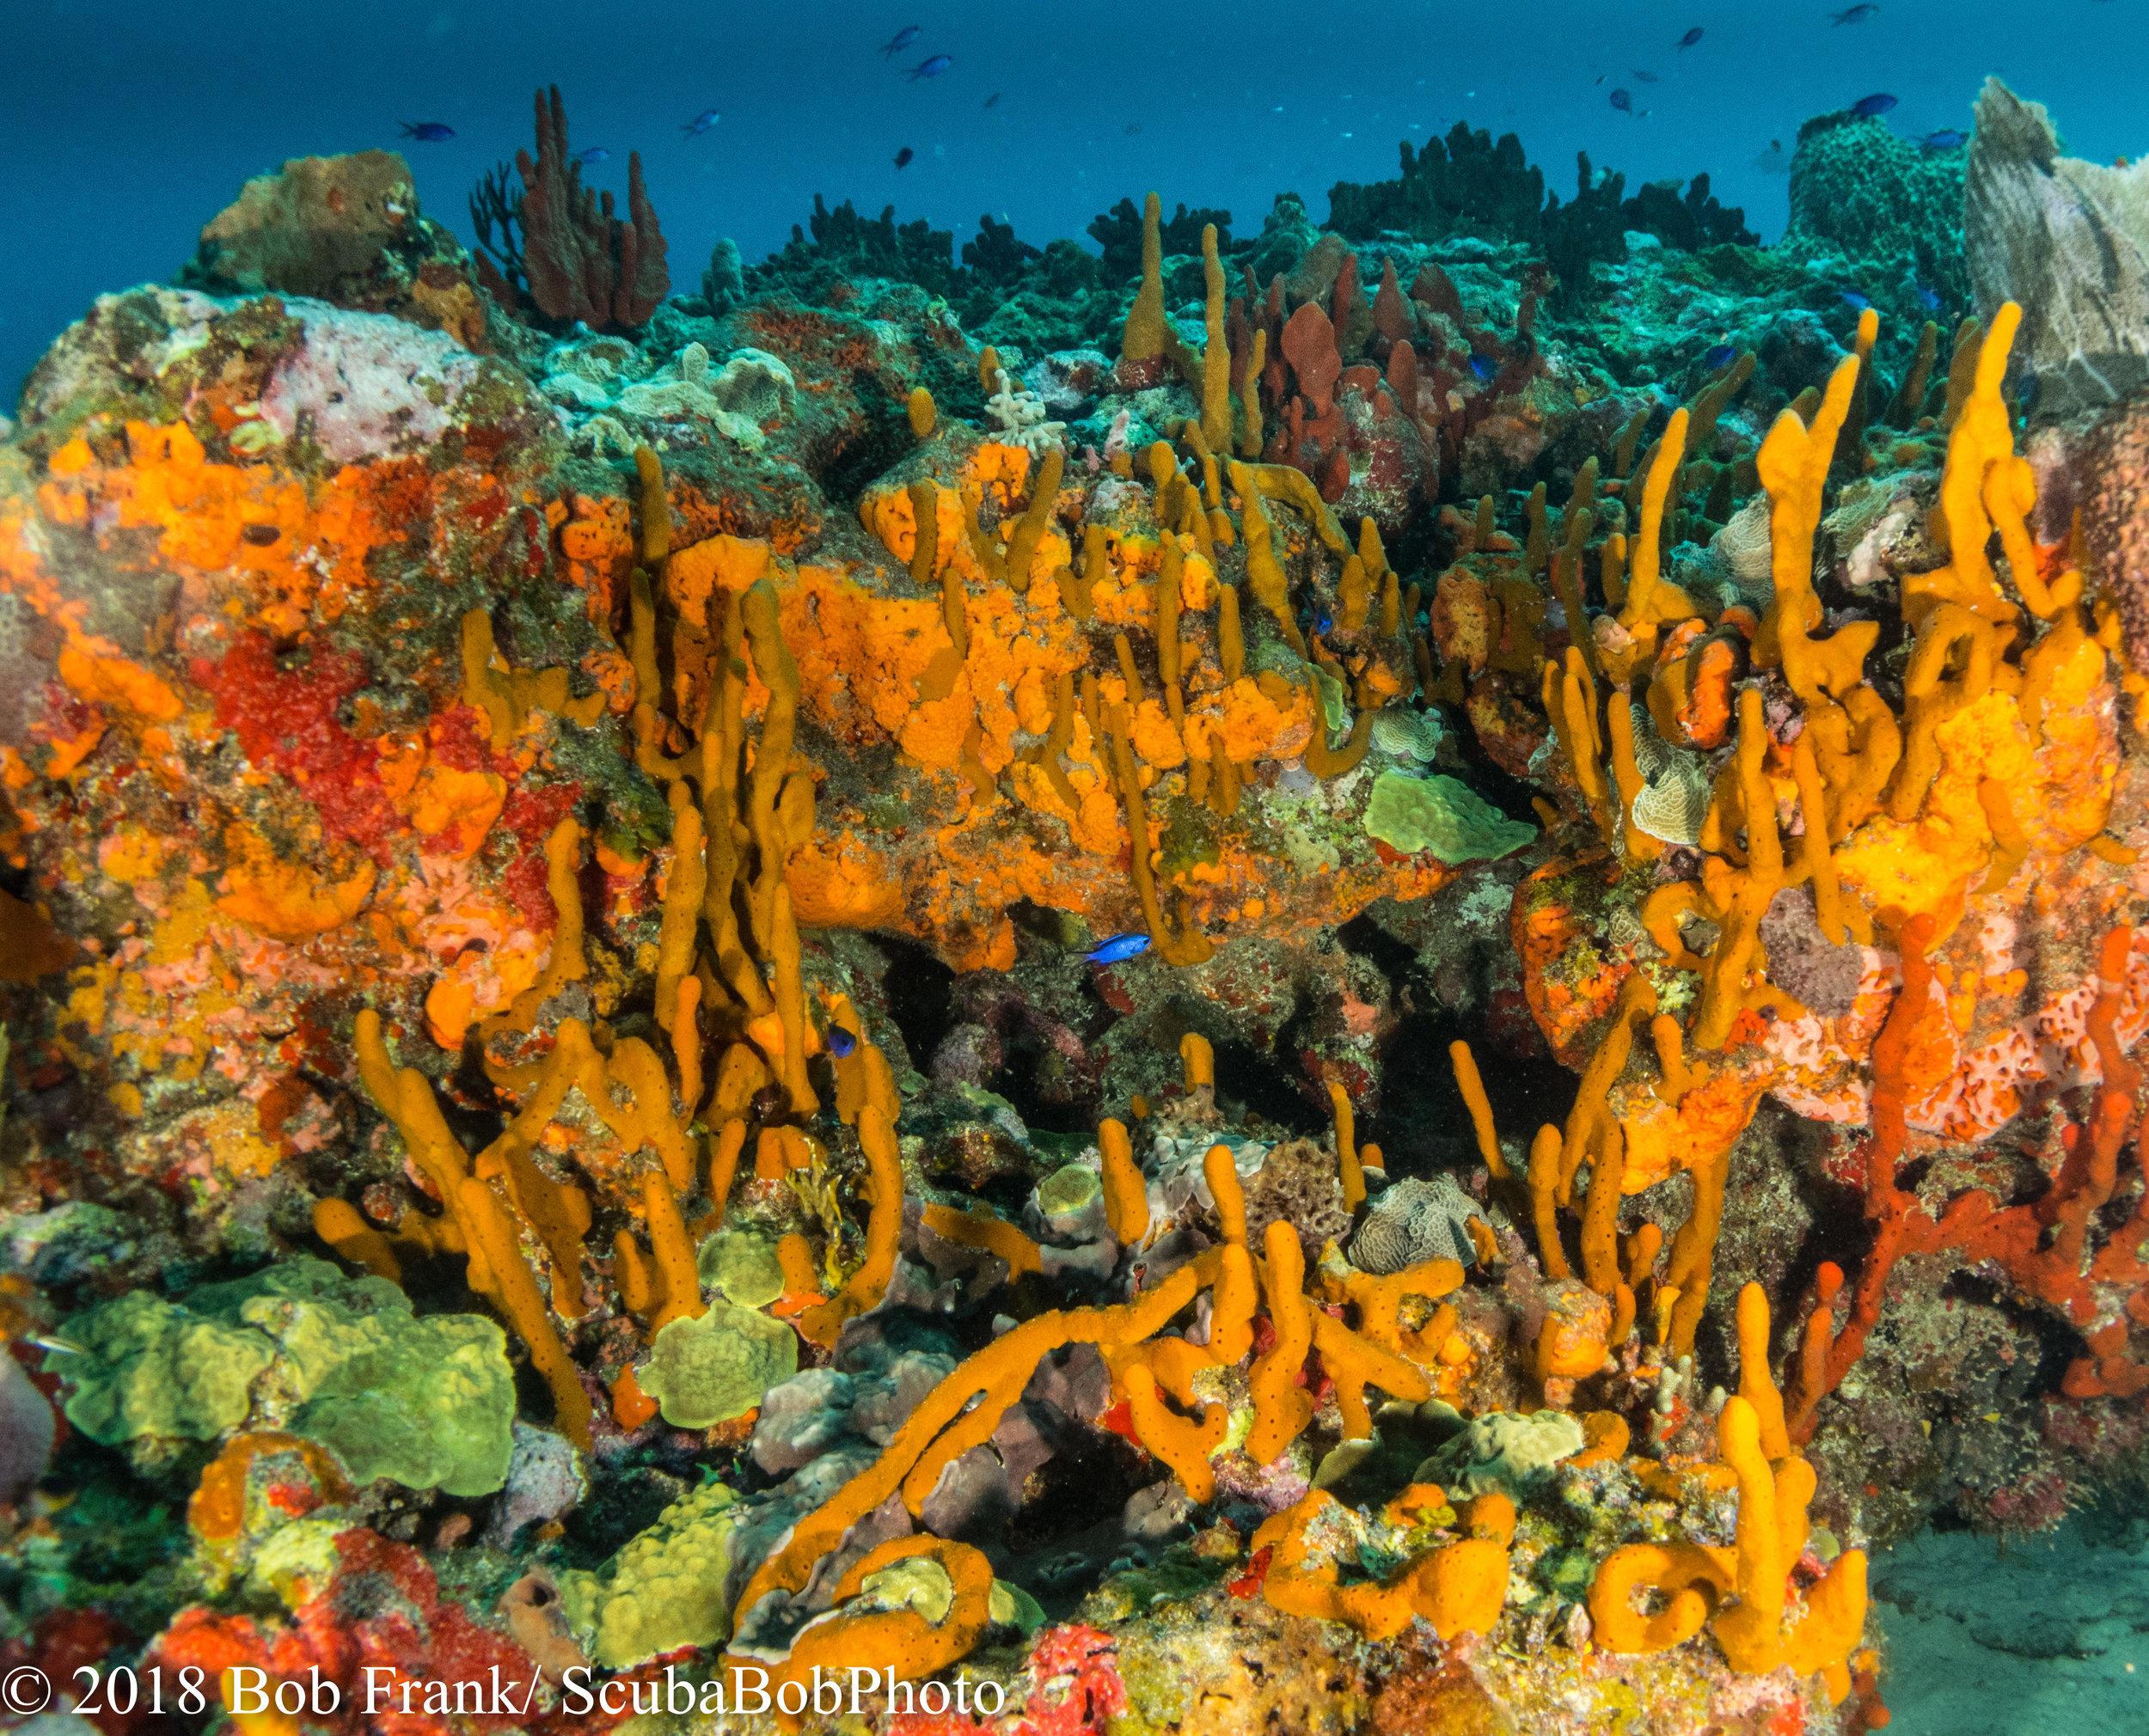 Just some pretty corals